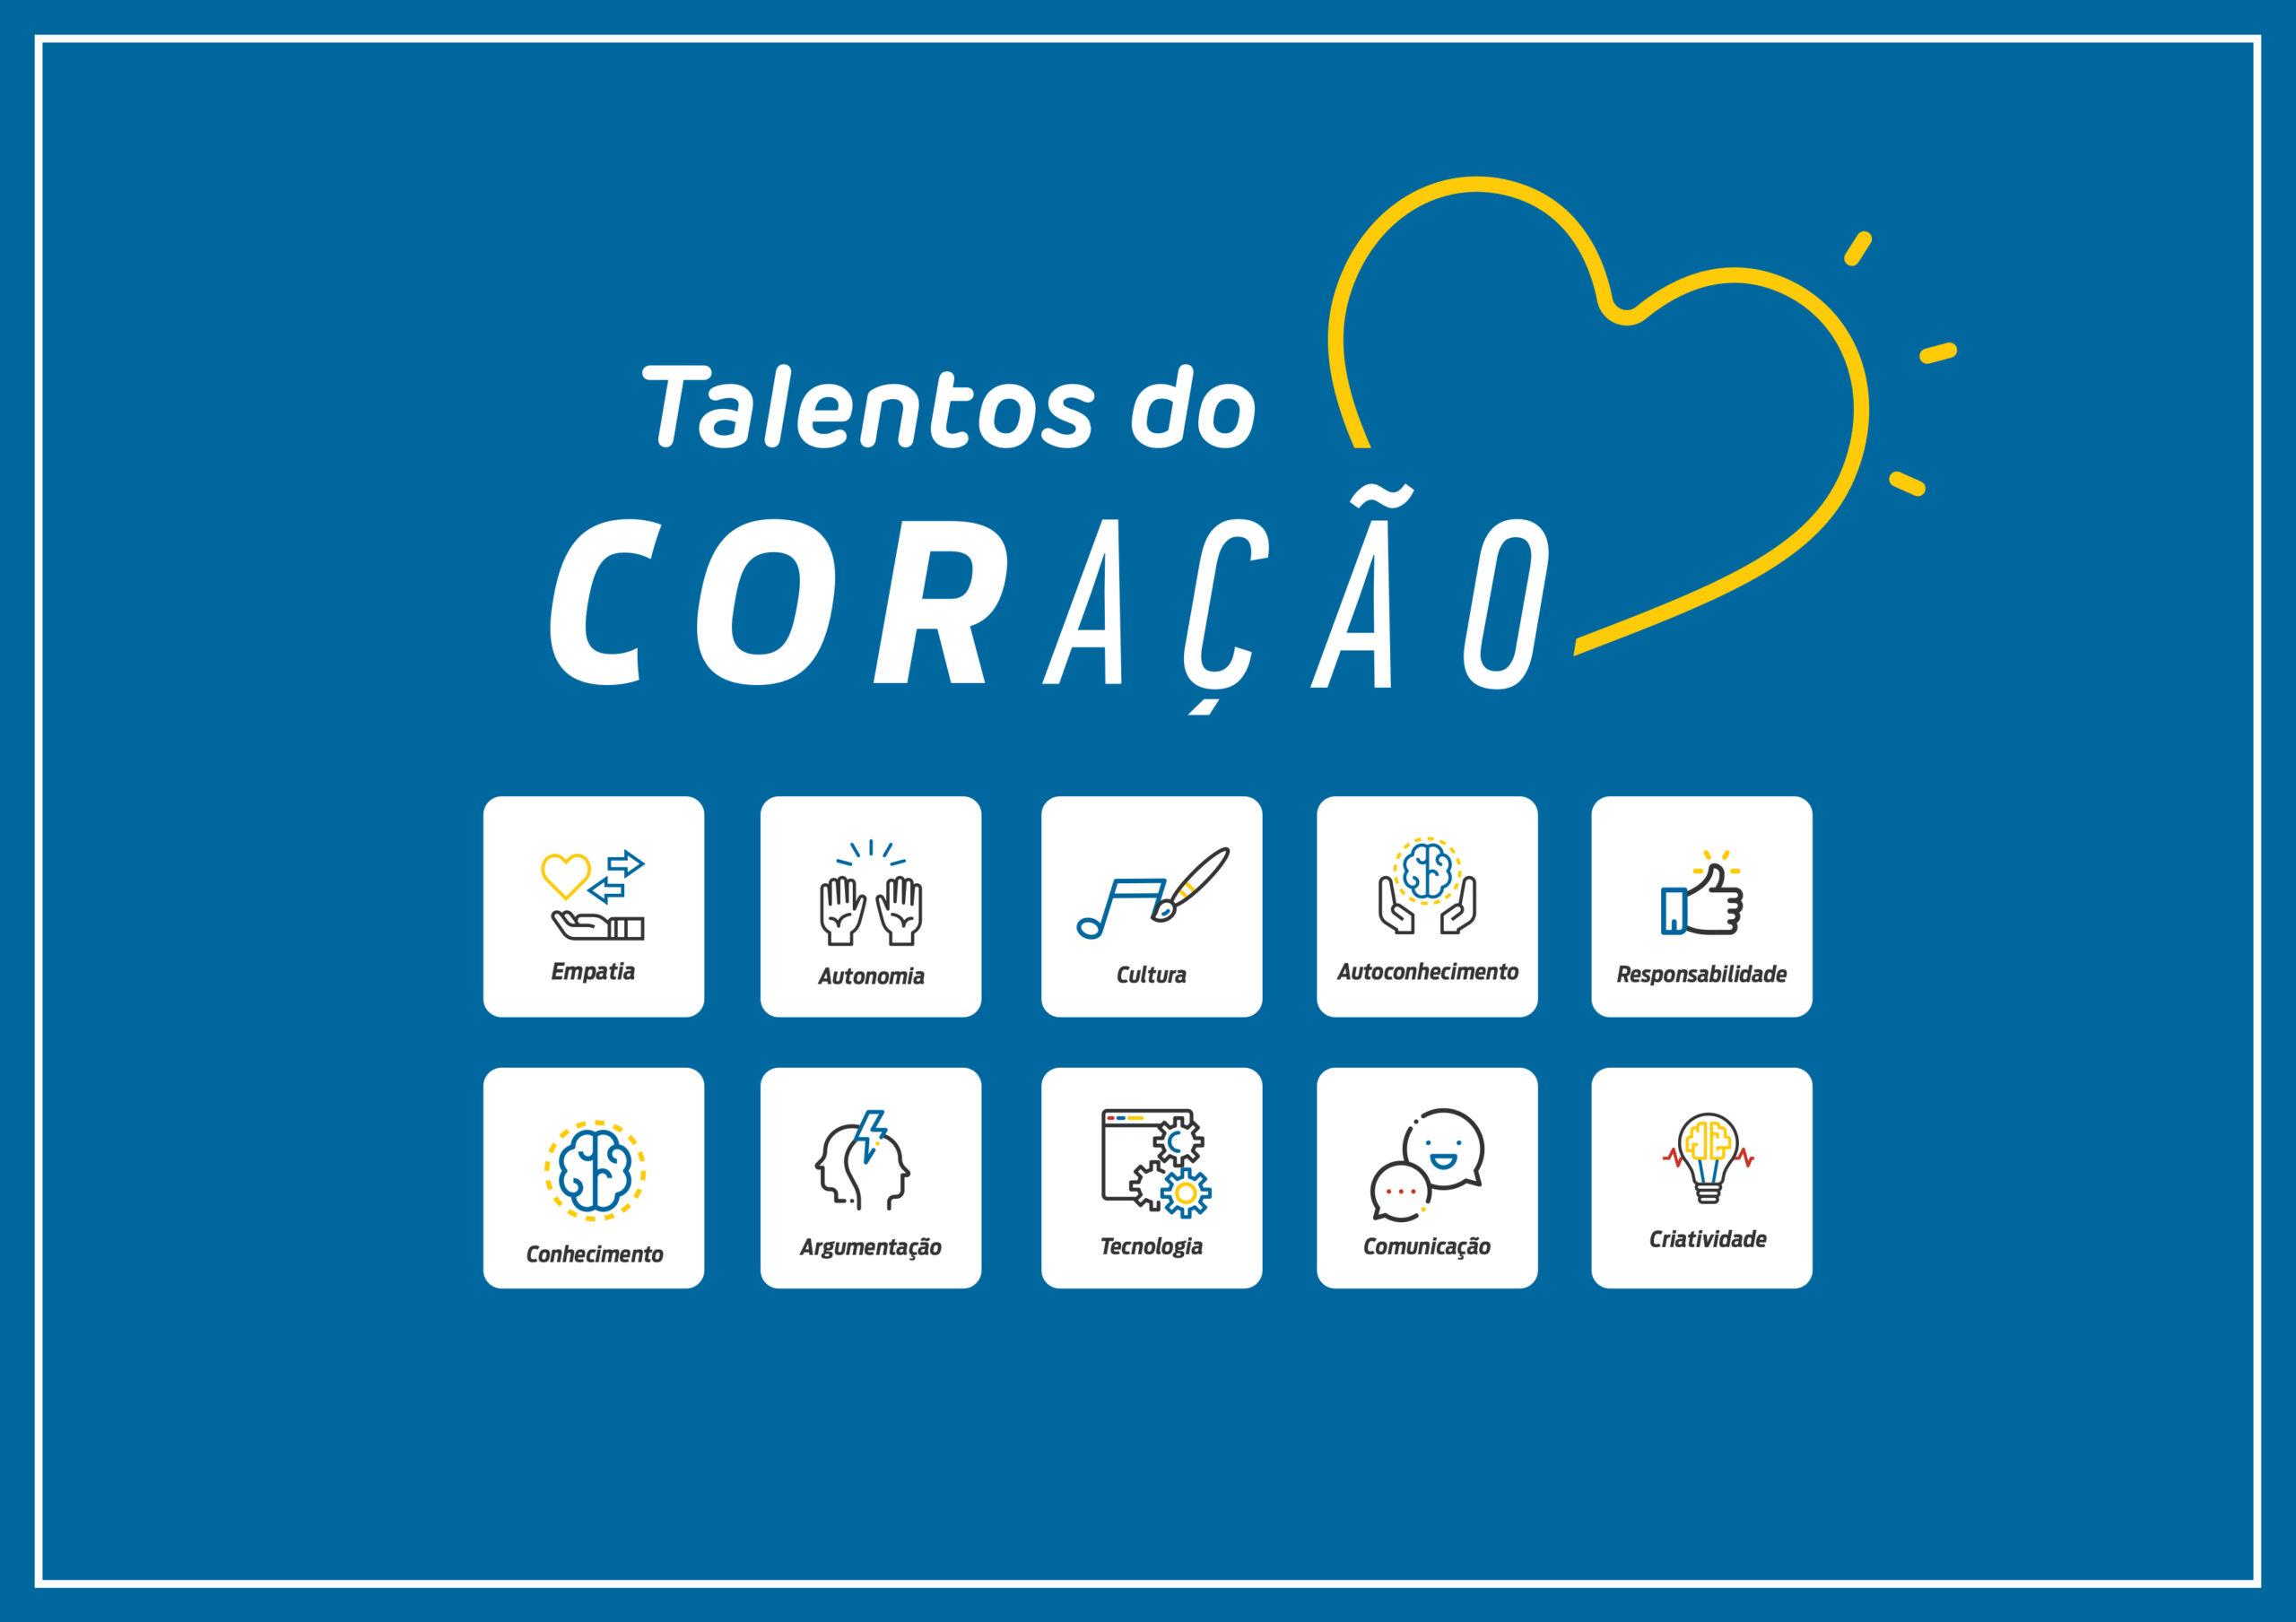 Talentos do CorAção - Completo.cdr